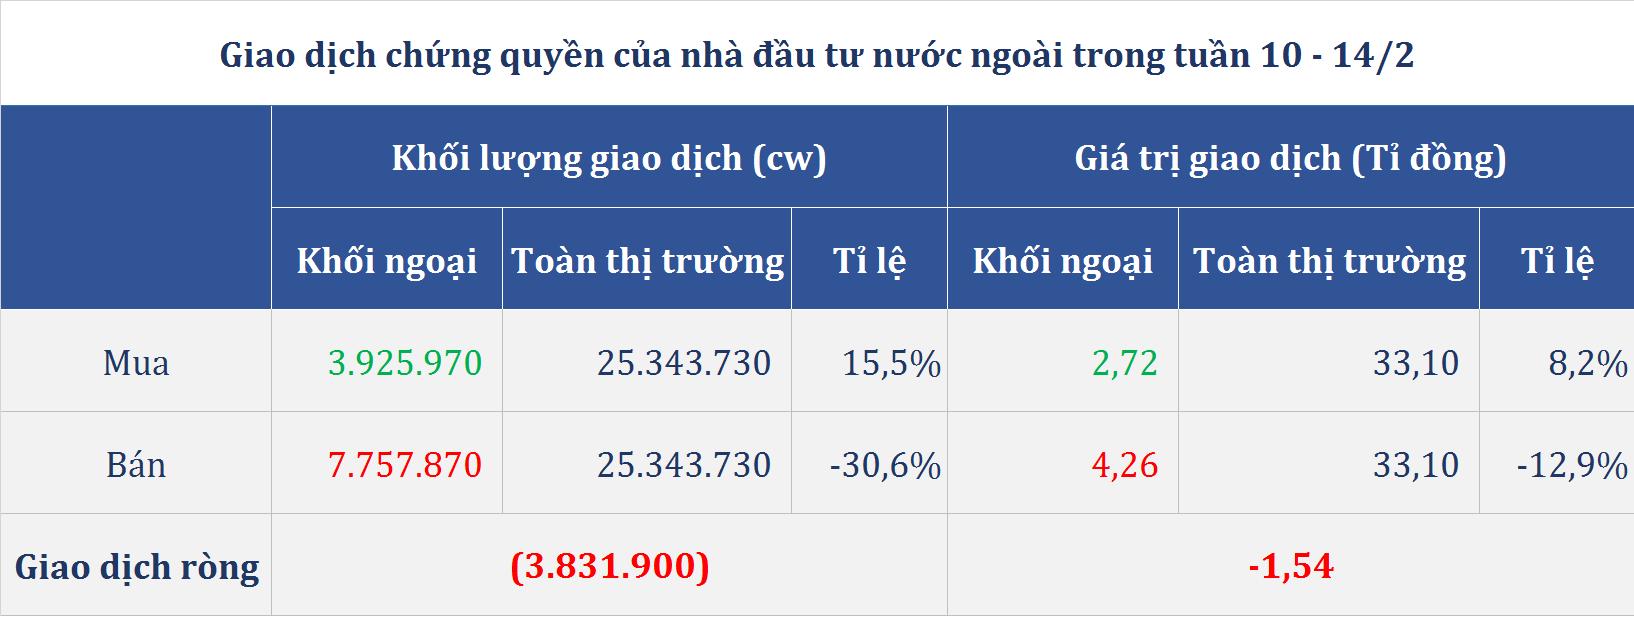 Thị trường chứng quyền tuần (10 - 14/2): Nhóm ngân hàng tiếp tục bùng nổ với mã tăng bằng lần, chứng quyền VJC, VNM giảm sâu - Ảnh 5.